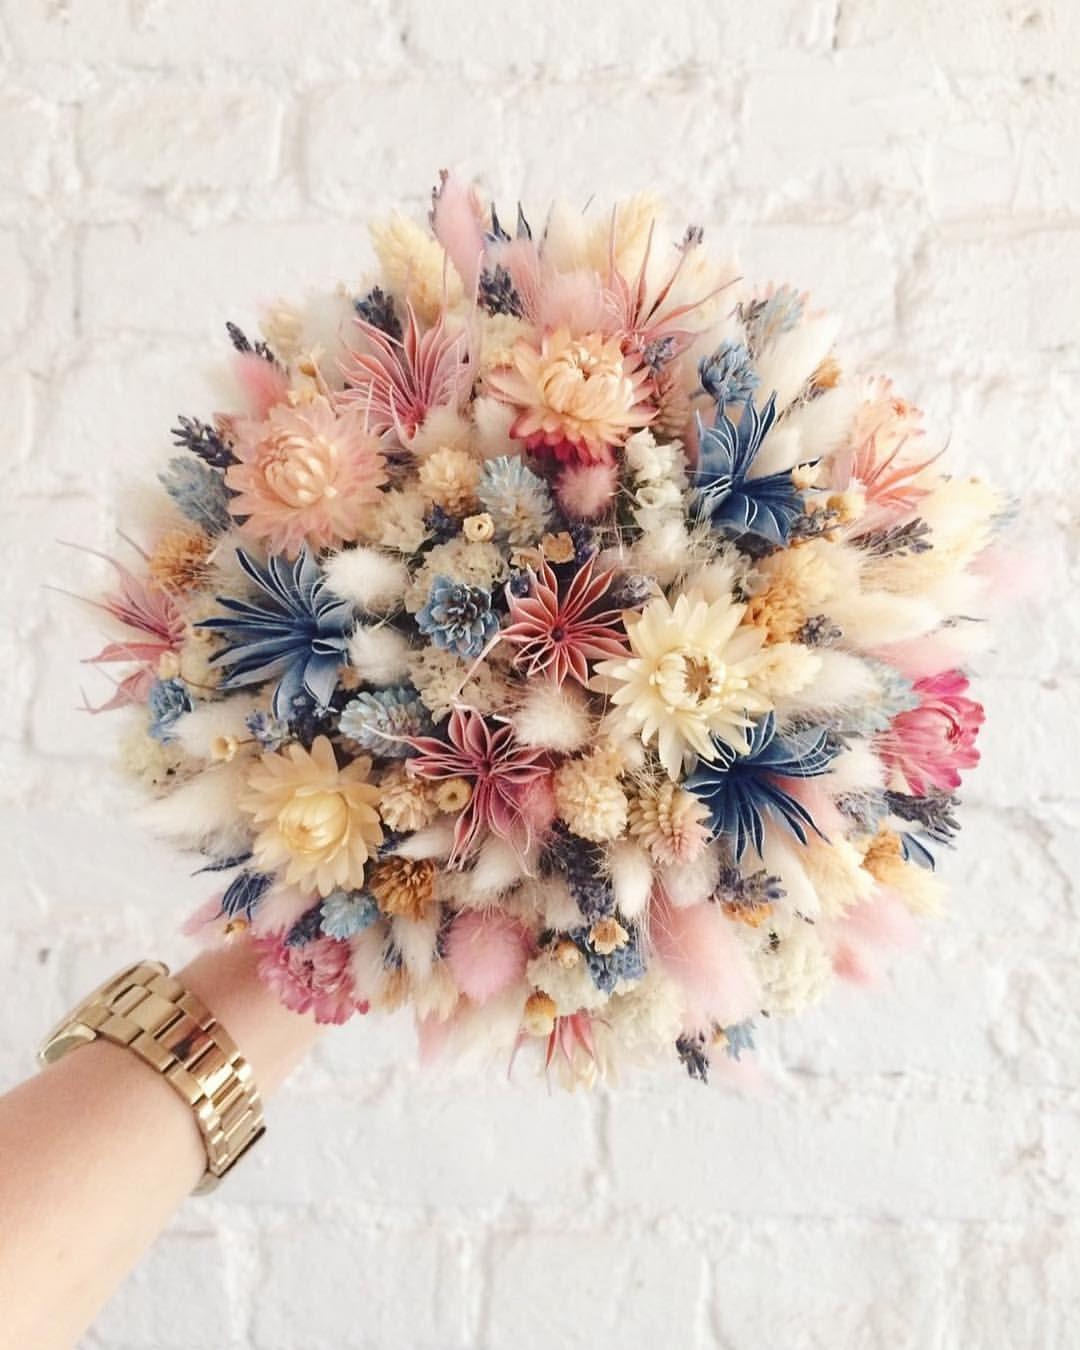 """Gefällt 591 Mal, 9 Kommentare - Лавандовый Замок (@lavendercastle.ru) auf Instagram: """"Привет, я твой волшебный букет невесты из сухоцветов, ты сможешь сохранить меня и поставить рядом с…"""""""